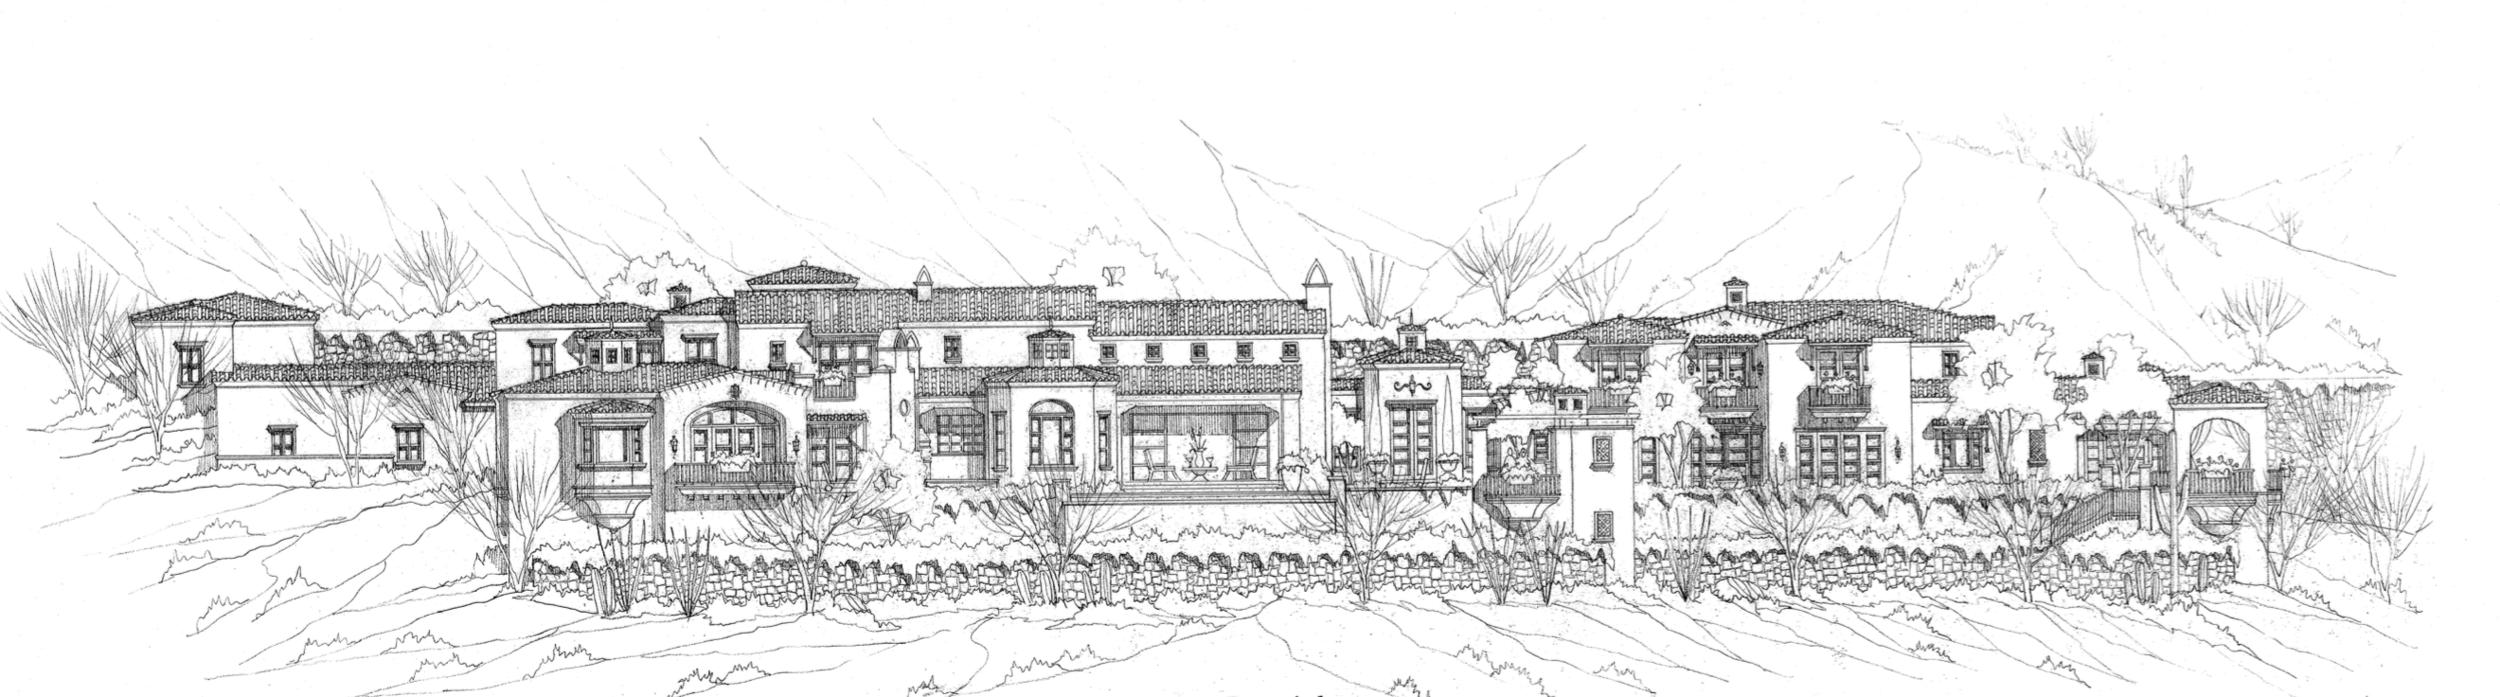 Starting Construction on this Candelaria Design Estate in Silverleaf with Schultz Development